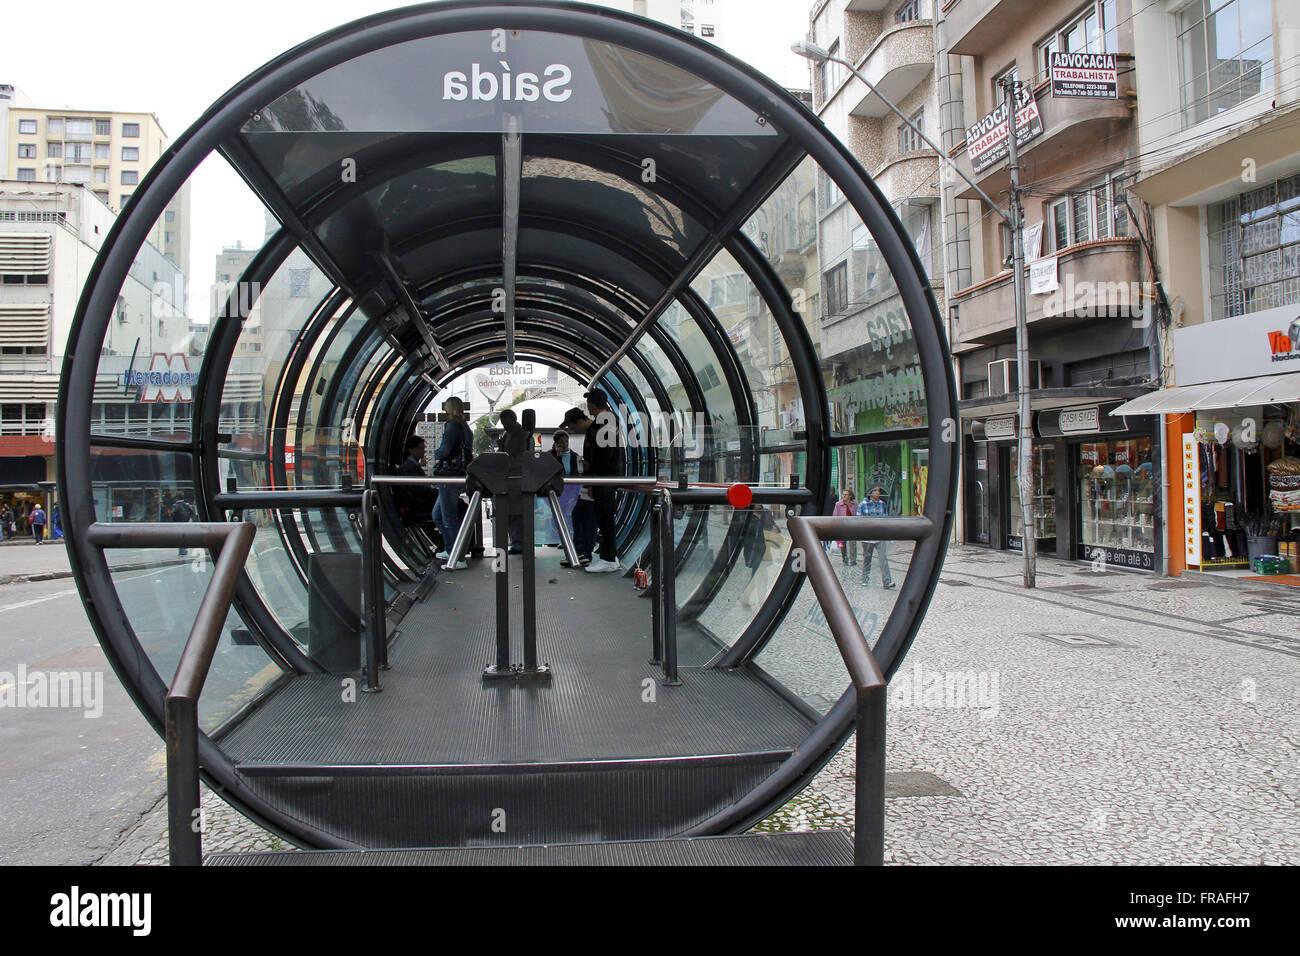 I passeggeri in attesa dell'arrivo del bus urbano stagione tubolare Immagini Stock